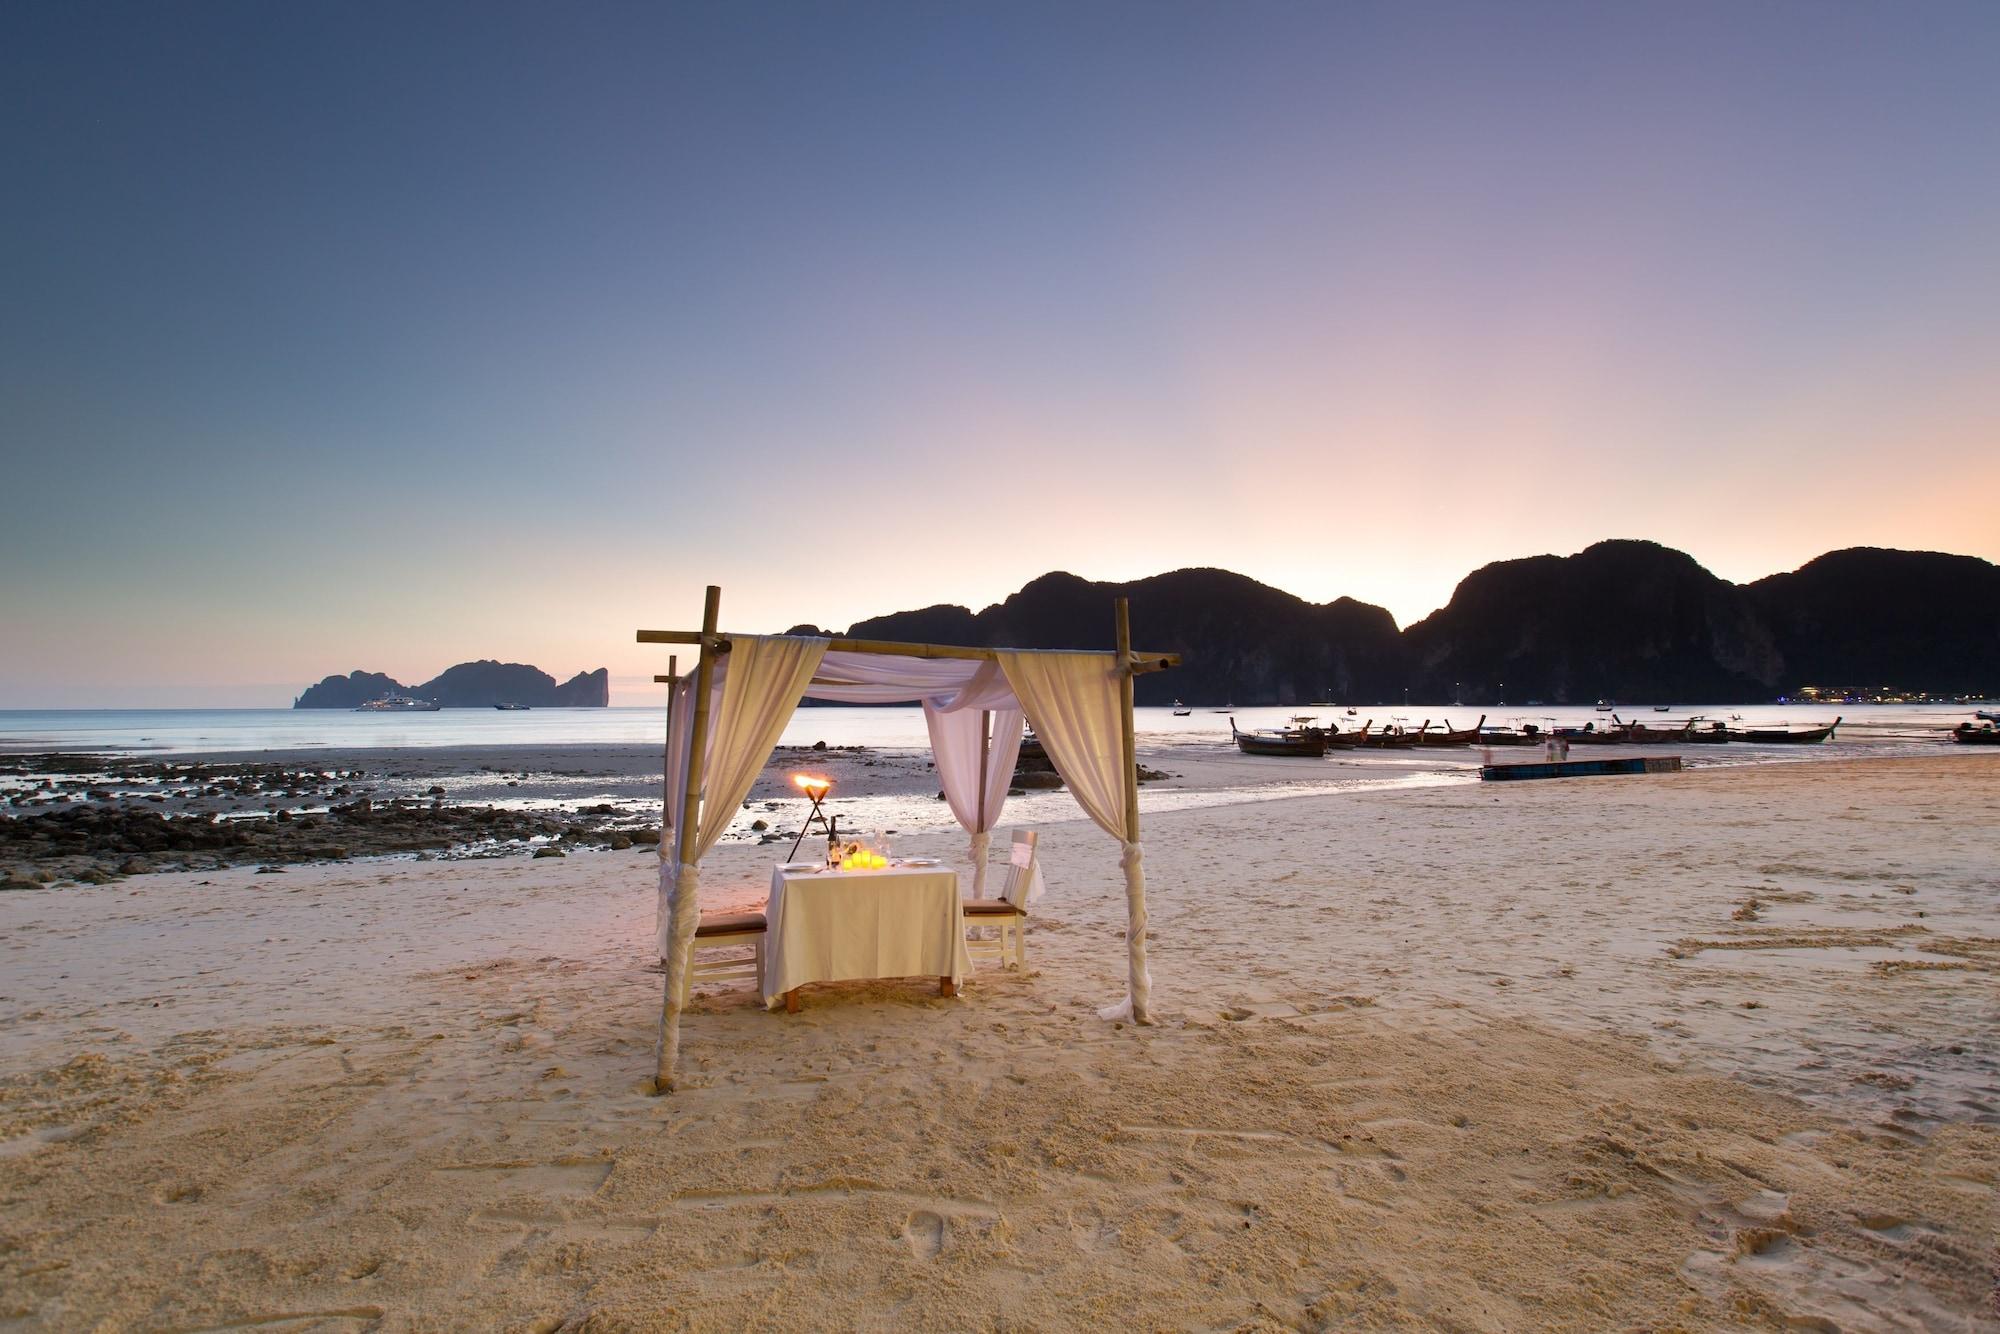 Bay View Resort - Phi Phi Island, Muang Krabi